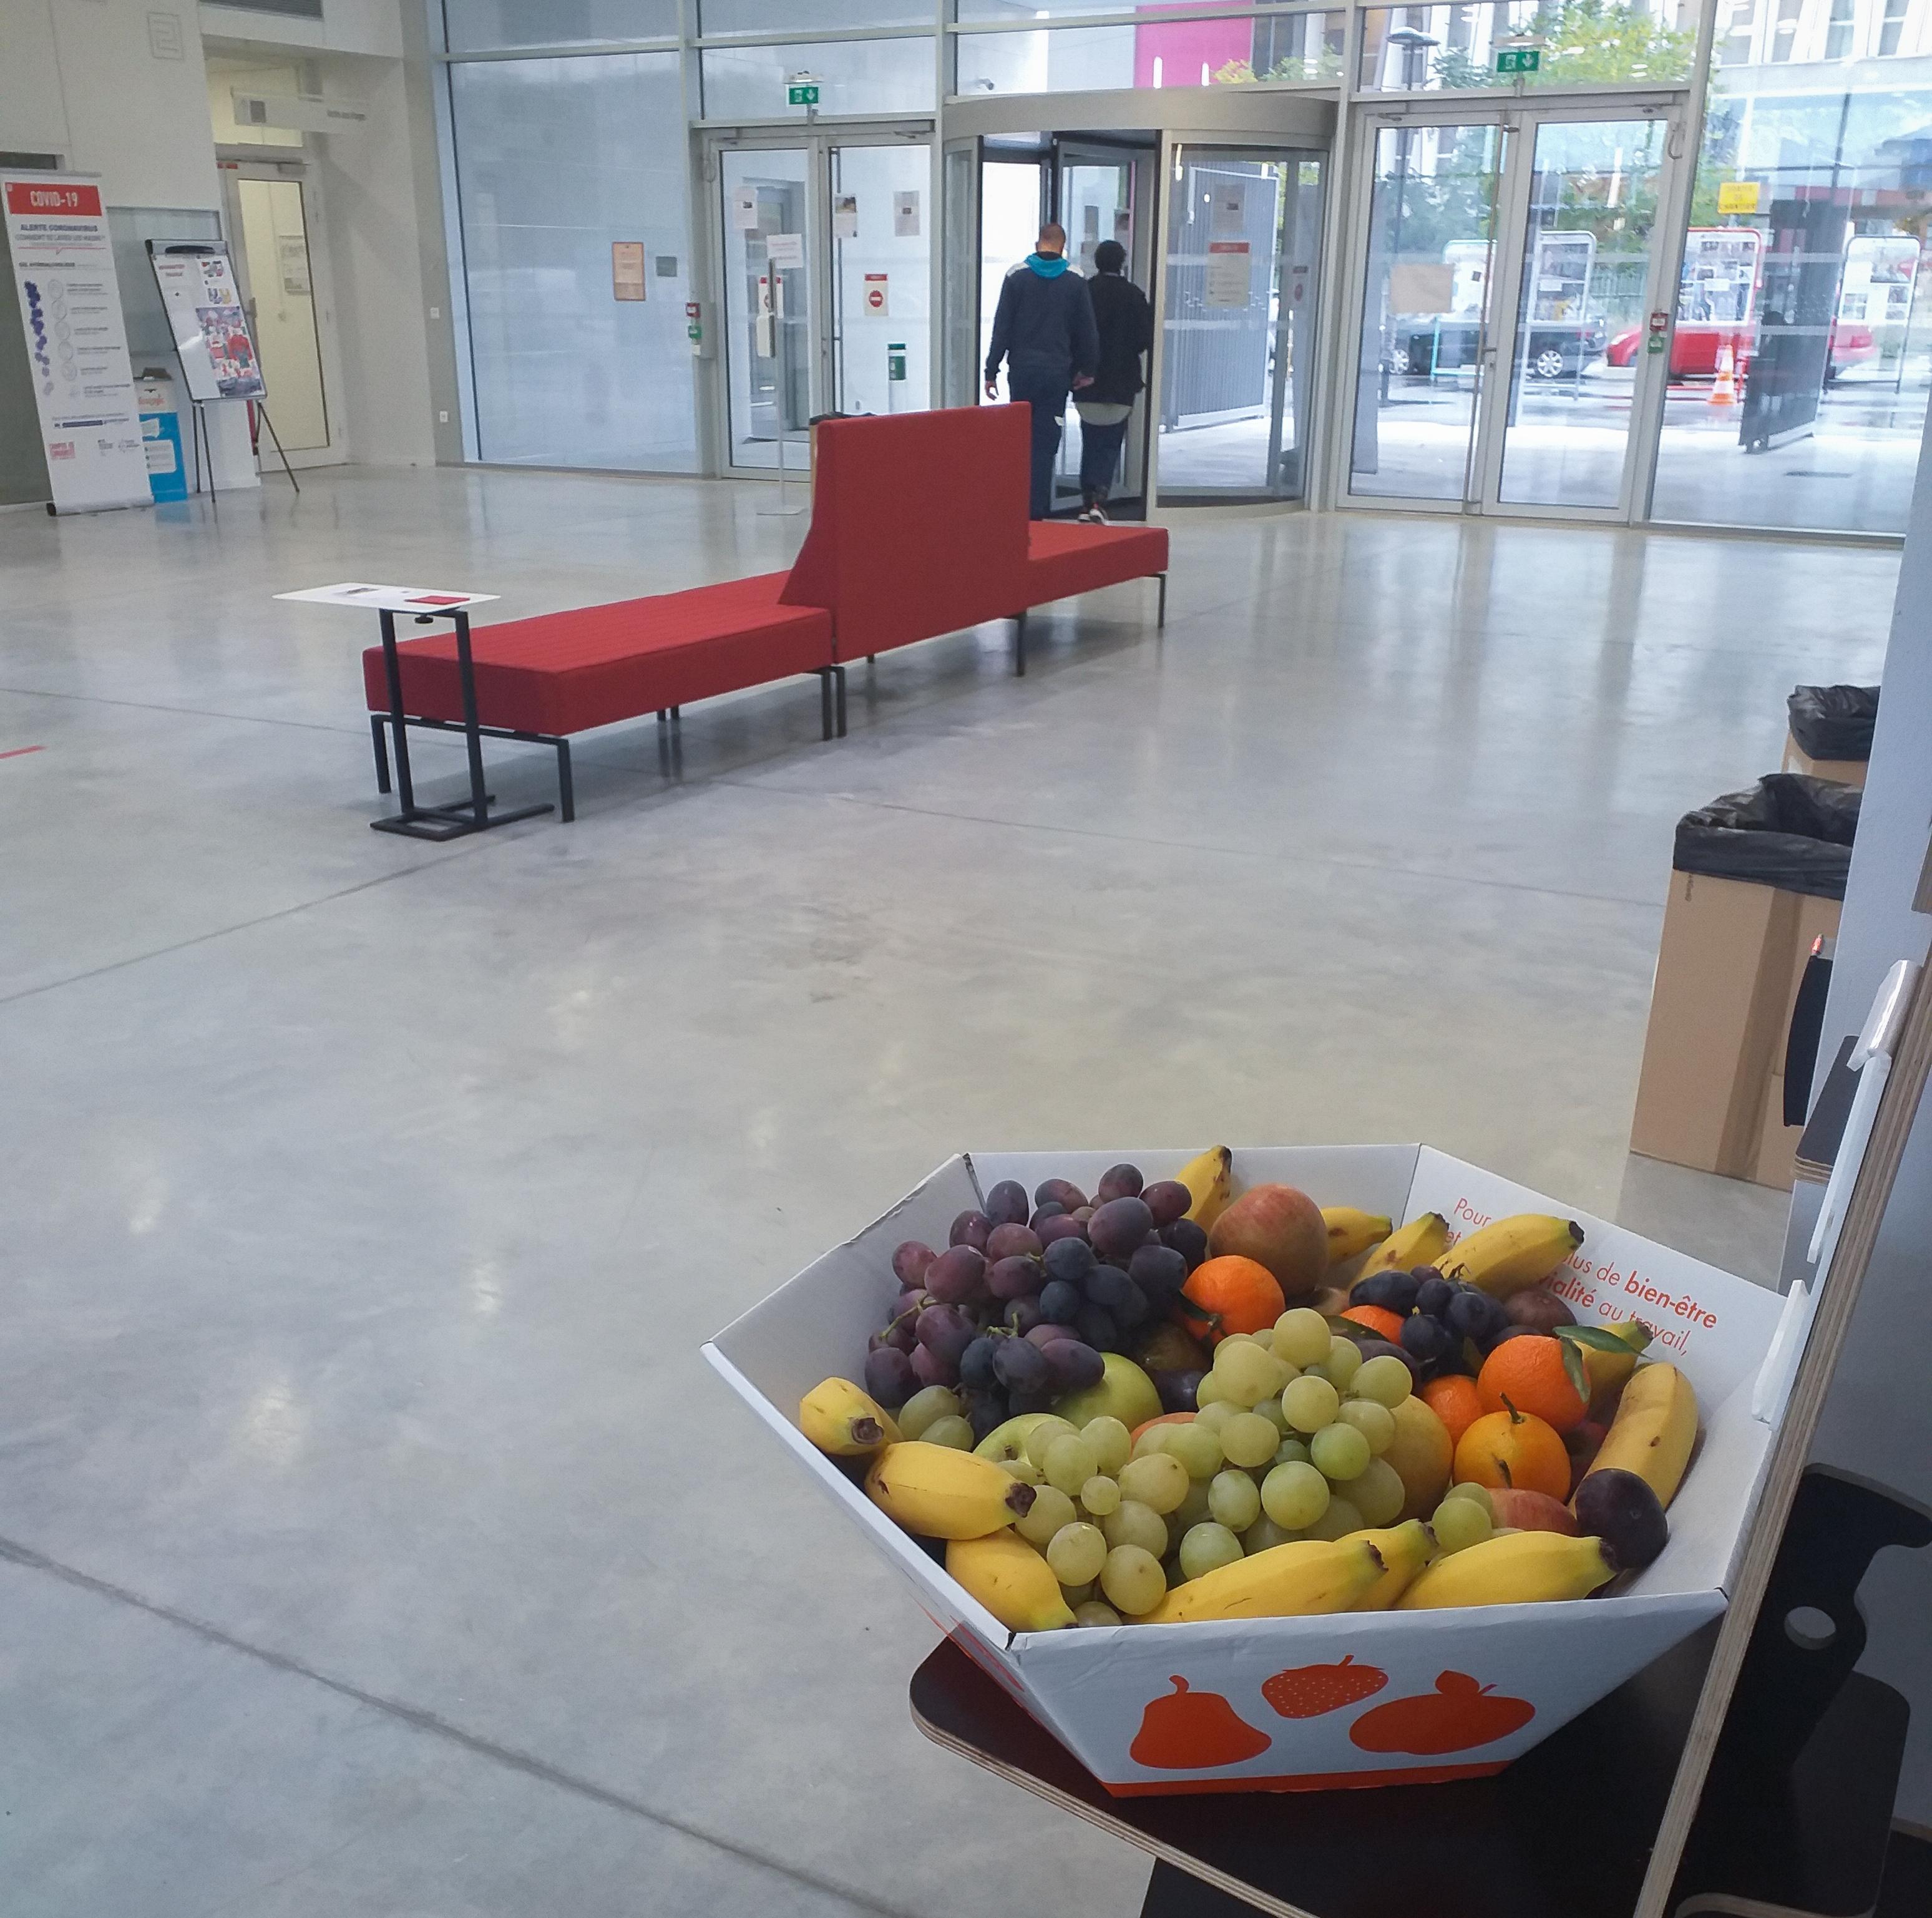 Corbeille de fruits Vergers de Gally dans le hall du bâtiment de recherche Sud duCampus Condorcet